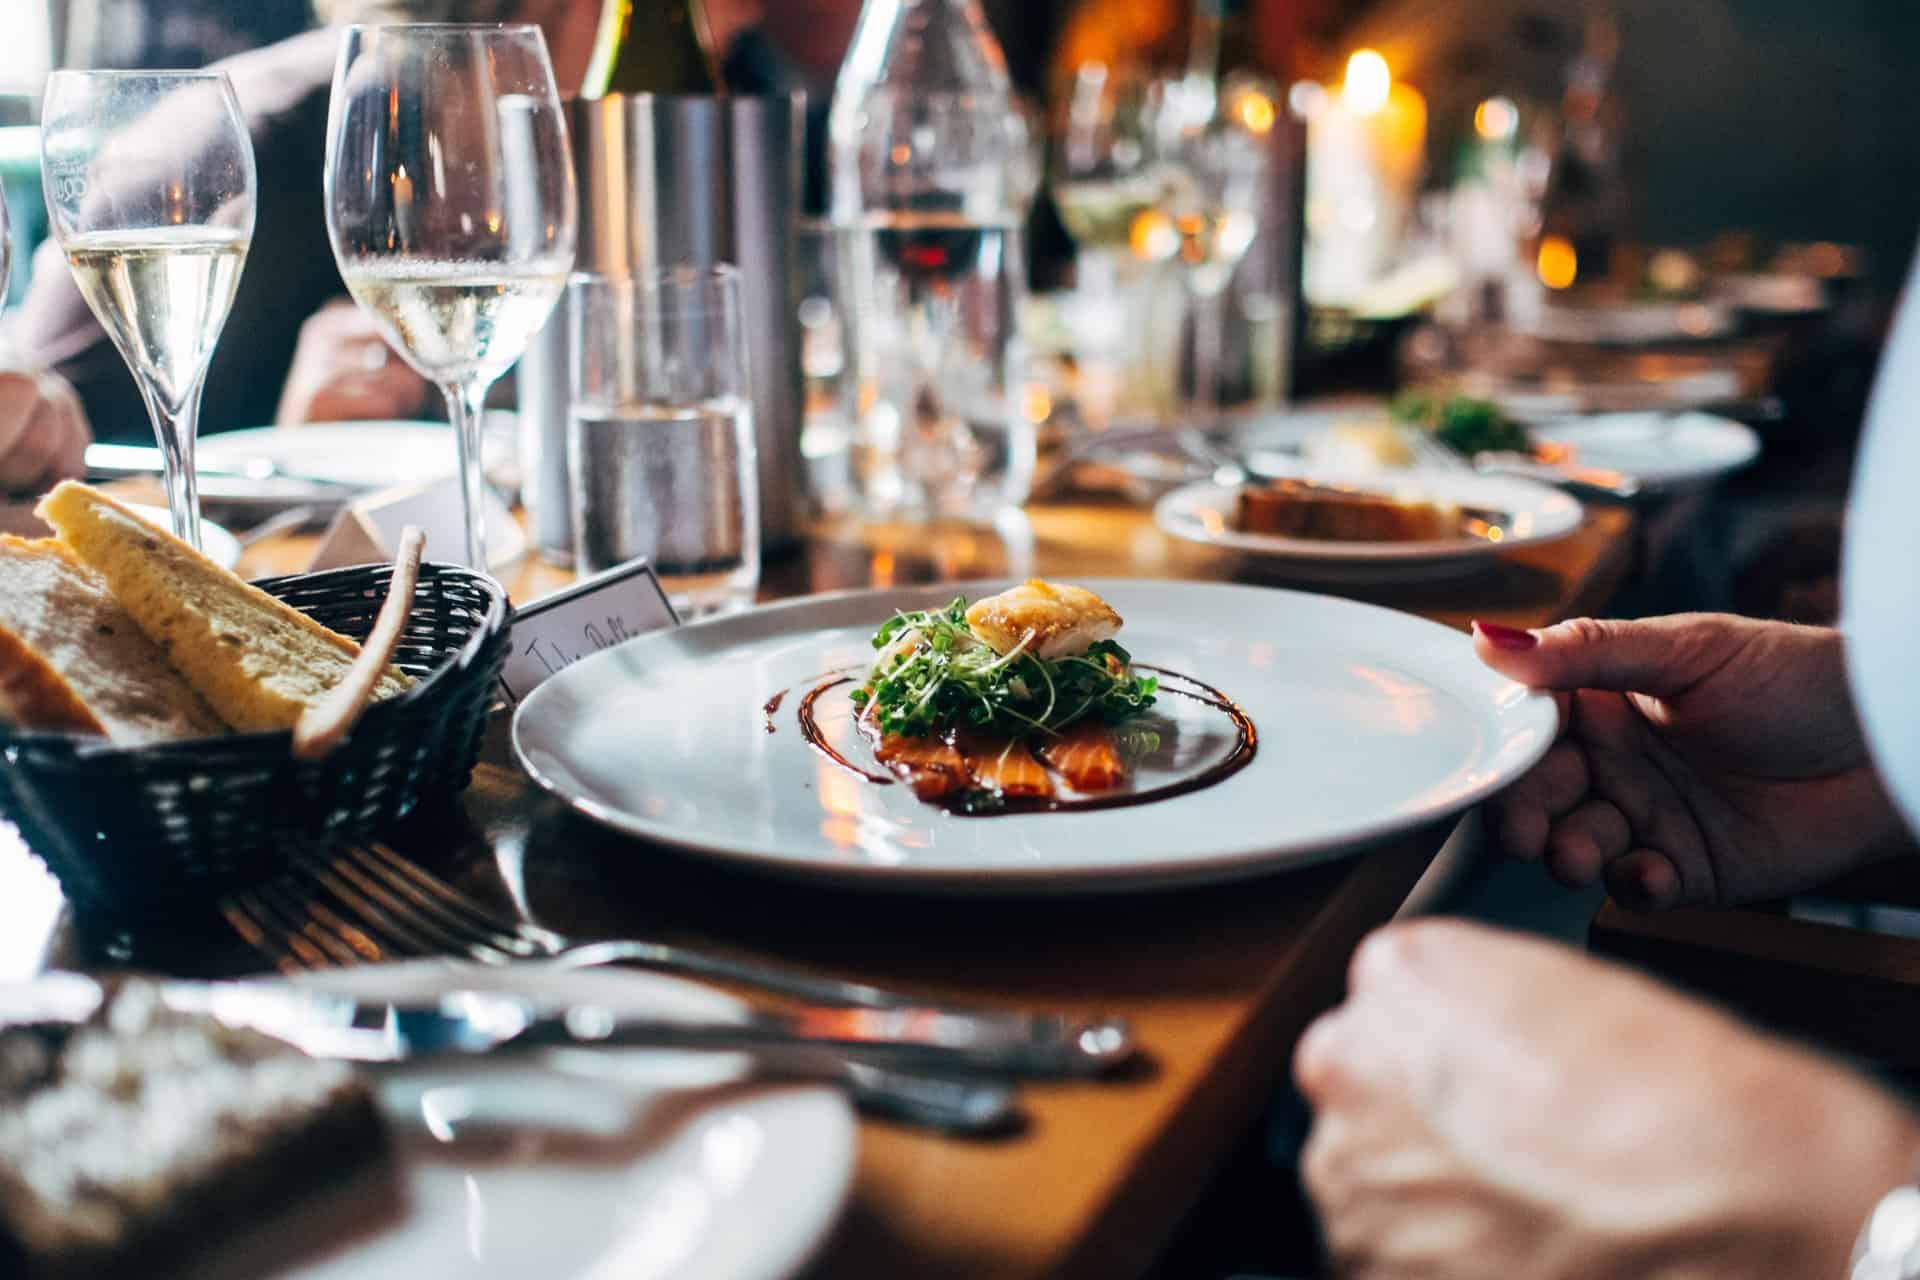 Attirez plus de clients dans votre restaurant sur Google My Business Avez-vous déjà créé une page Google My Business (GMB) pour votre restaurant ? Si ce n'est pas le cas, vous êtes en train de passer à côté de quelque chose d'important !  Google My Business est l'une des meilleures plateformes sociales disponibles en ligne pour les restaurants. Un profil GMB optimisé apparaîtra en tête des recherches locales sur Google. Et comme les gens utilisent fréquemment Google pour trouver des restaurants locaux, ce type d'exposition est plus précieux que jamais.  Mais que faire si vous avez créé une page GMB pour votre restaurant et que vous ne savez pas comment l'optimiser ? Pas de problème ! Dans cet article, nous vous guidons dans les principales étapes